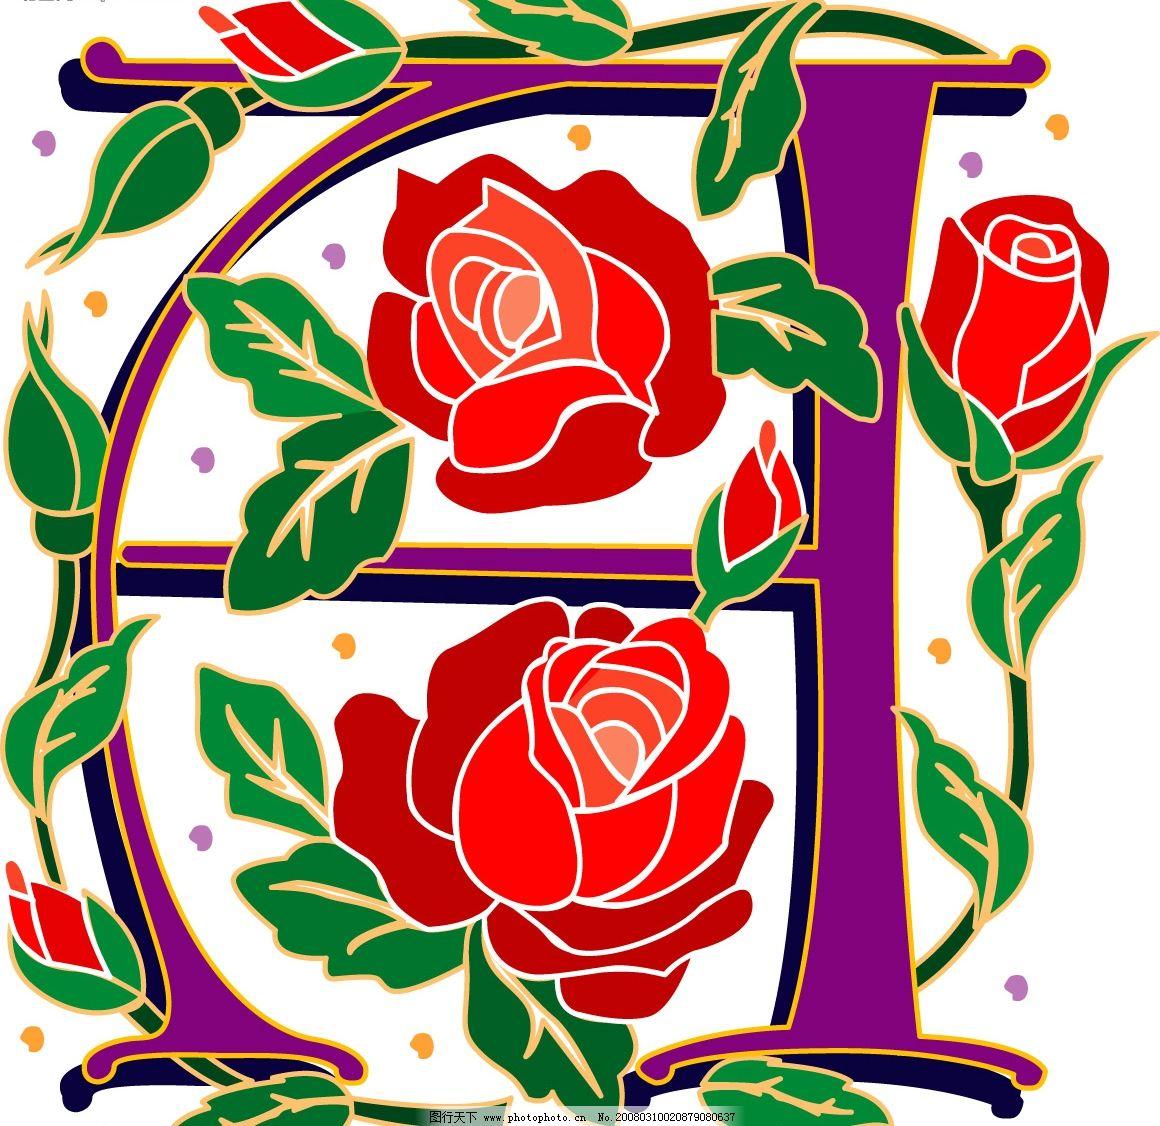 花式英文字母 花式 字母 底纹边框 其他 花式英文大写字母 矢量图库